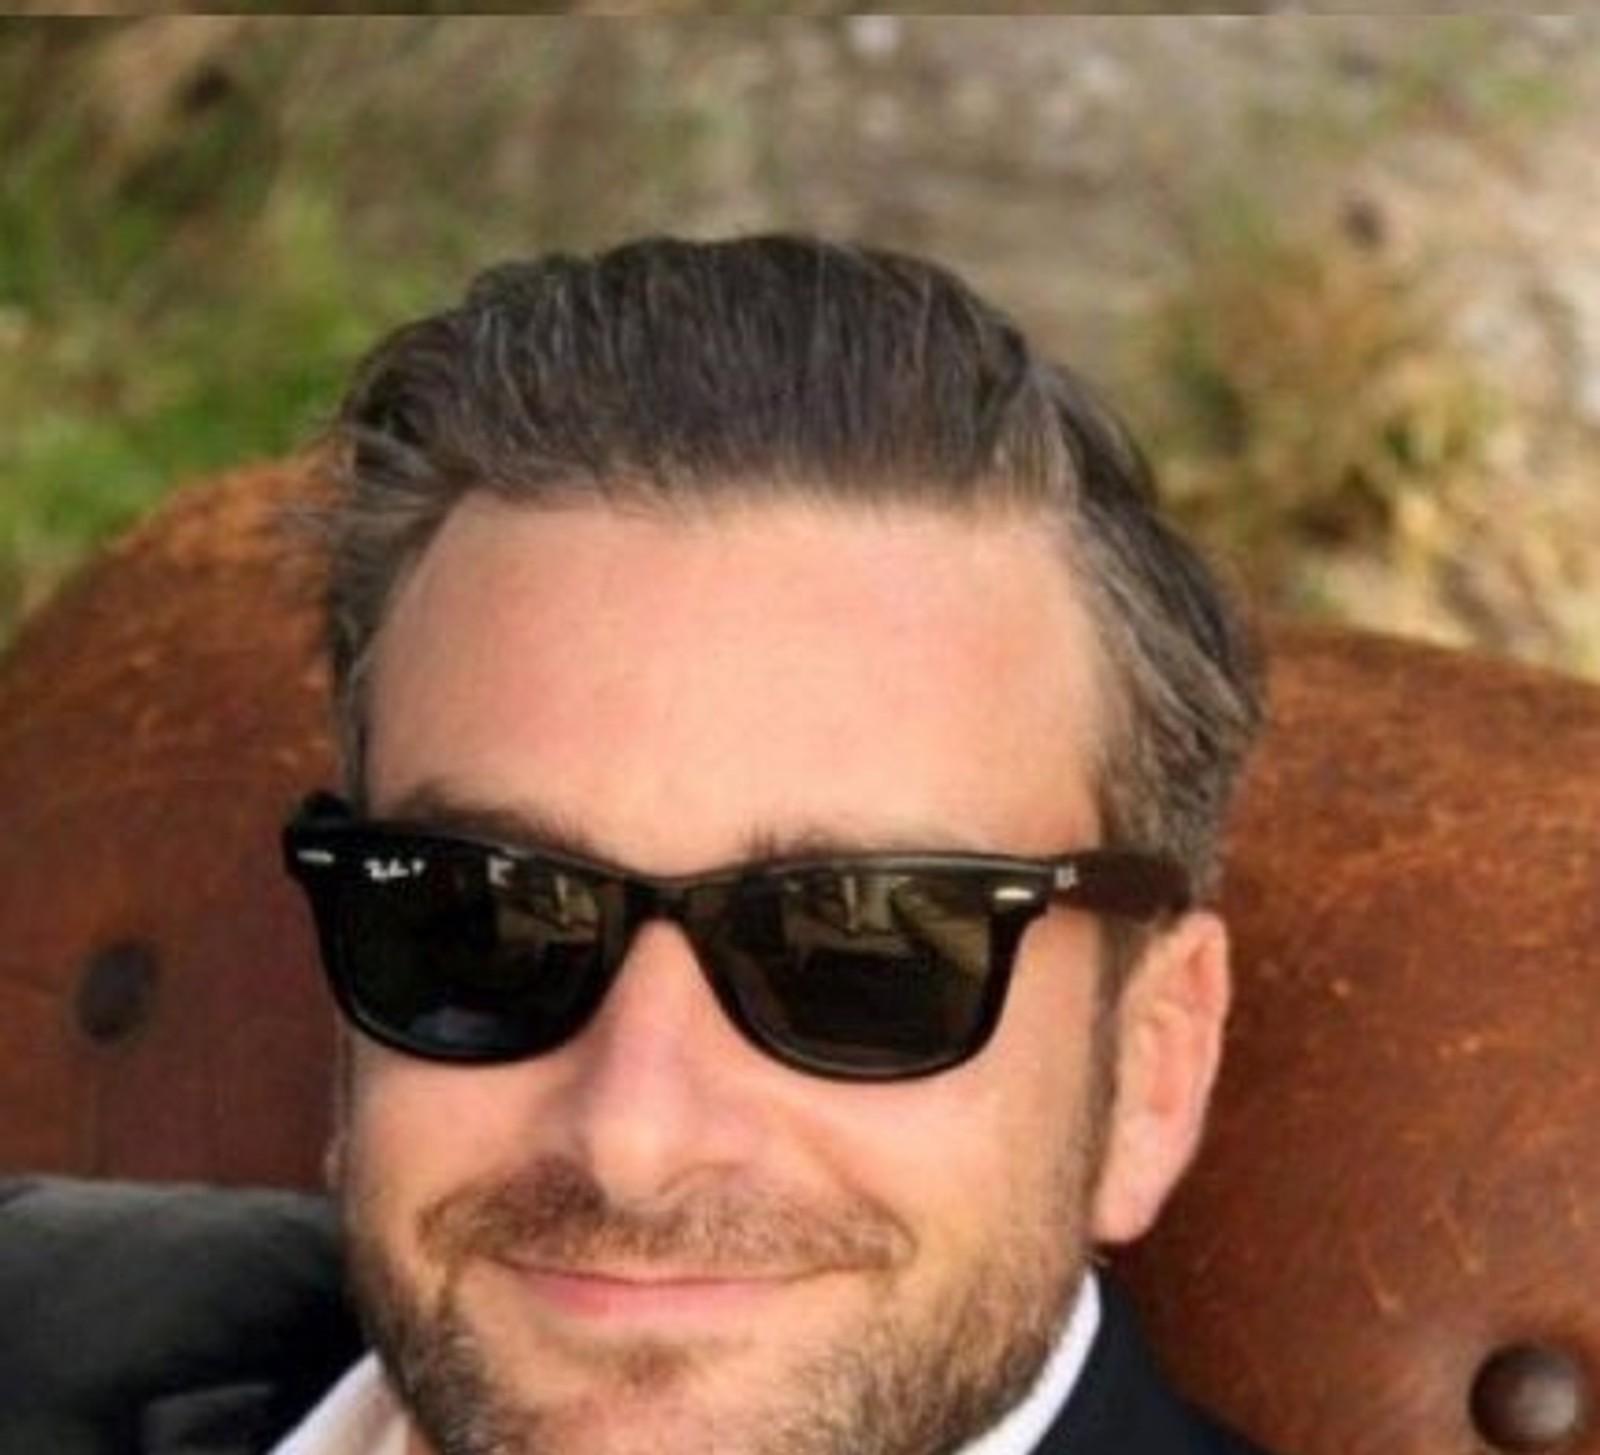 Bertrand Navarret (37) var på helgevisitt i Paris for å dra på Eagles-konserten på Bataclan. Der mistet han livet. Navarret jobbet som snekker og hadde en lidenskap for snowboard og vintersport.